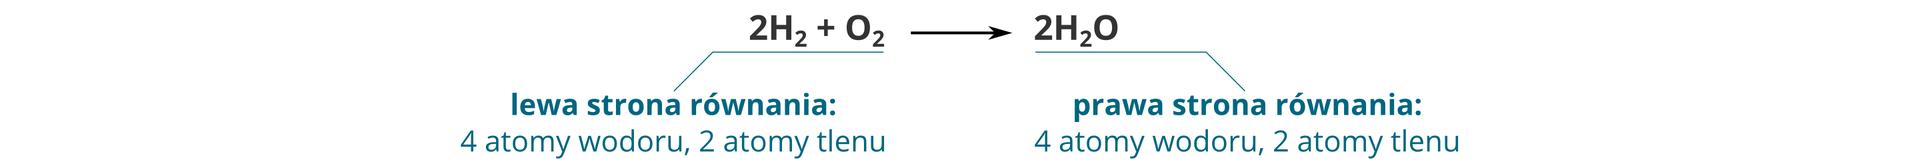 Ilustracja przedstawia poprawnie uzgodnione równanie reakcji chemicznej na przykładzie spalania wodoru wtlenie, wwyniku którego powstaje woda. Dwie dwuatomowe cząsteczki wodoru oraz jedna dwuatomowa cząsteczka tlenu daję wefekcie dwie cząsteczki wody. Pod równaniem znajduje się analiza obu jego stron. Zarówno wskład listy substratów, jak iwprodukcie występują cztery atomy wodoru oraz dwa atomy tlenu.